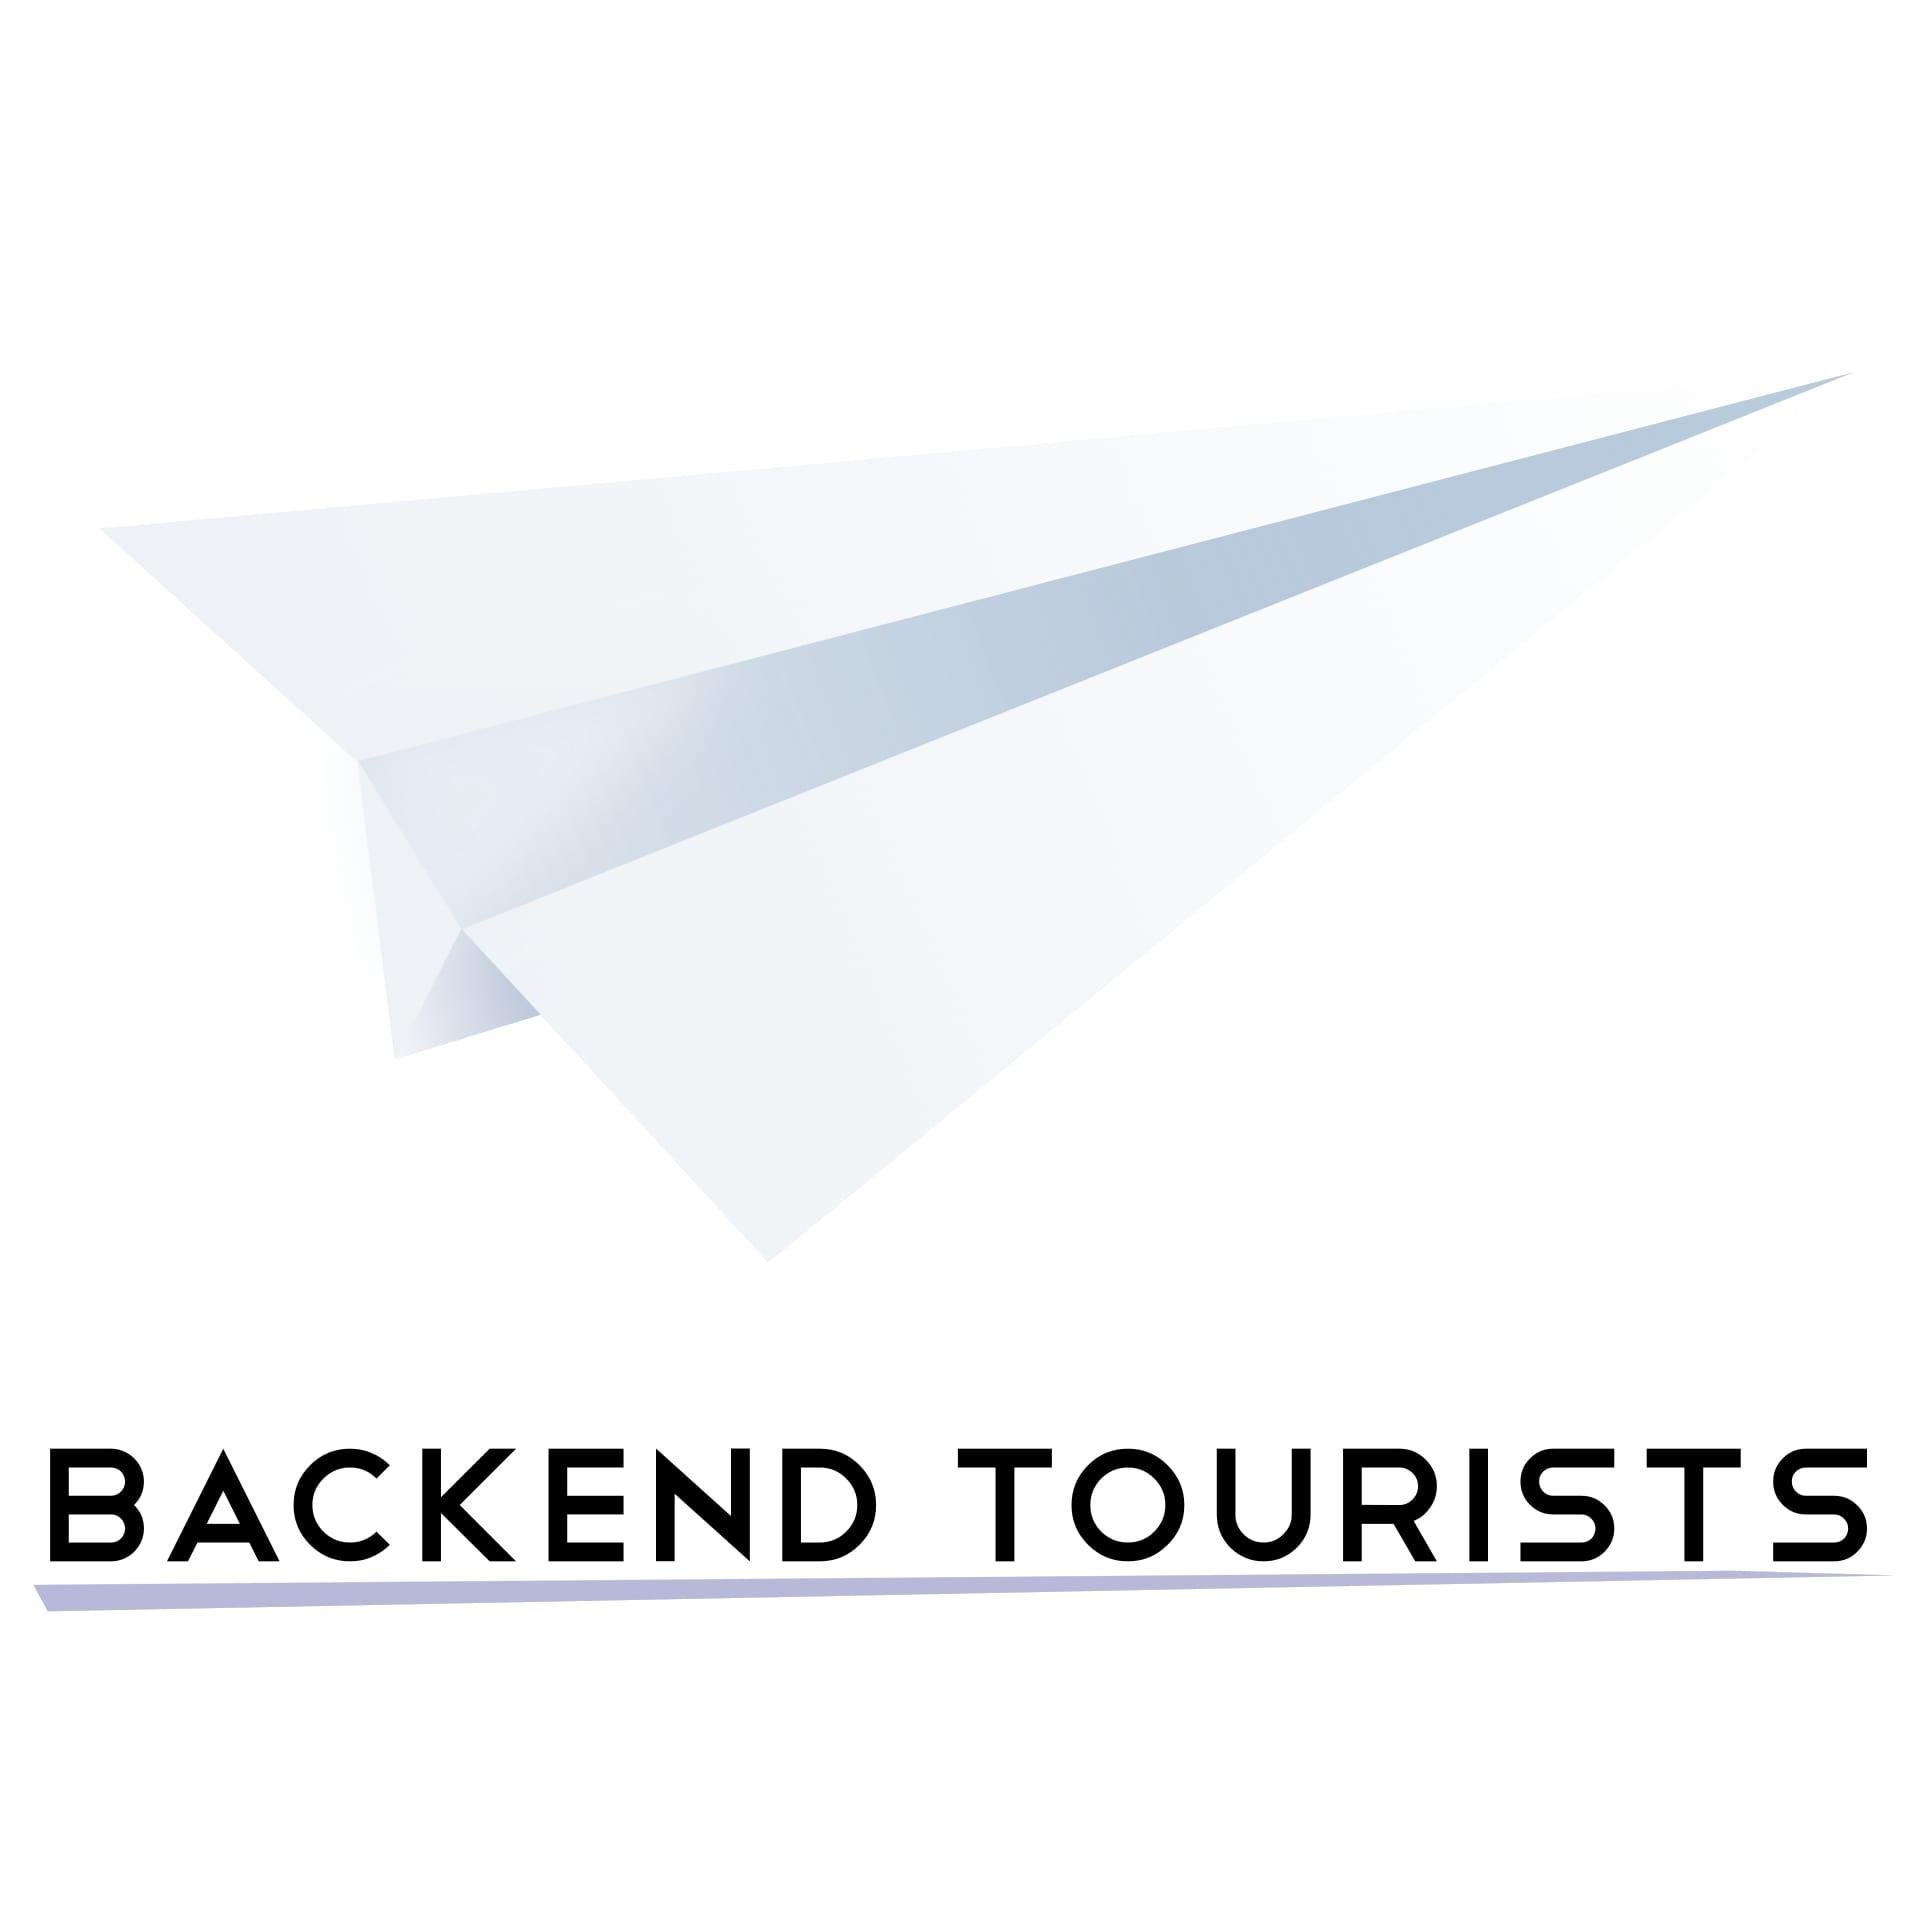 backend-tourists